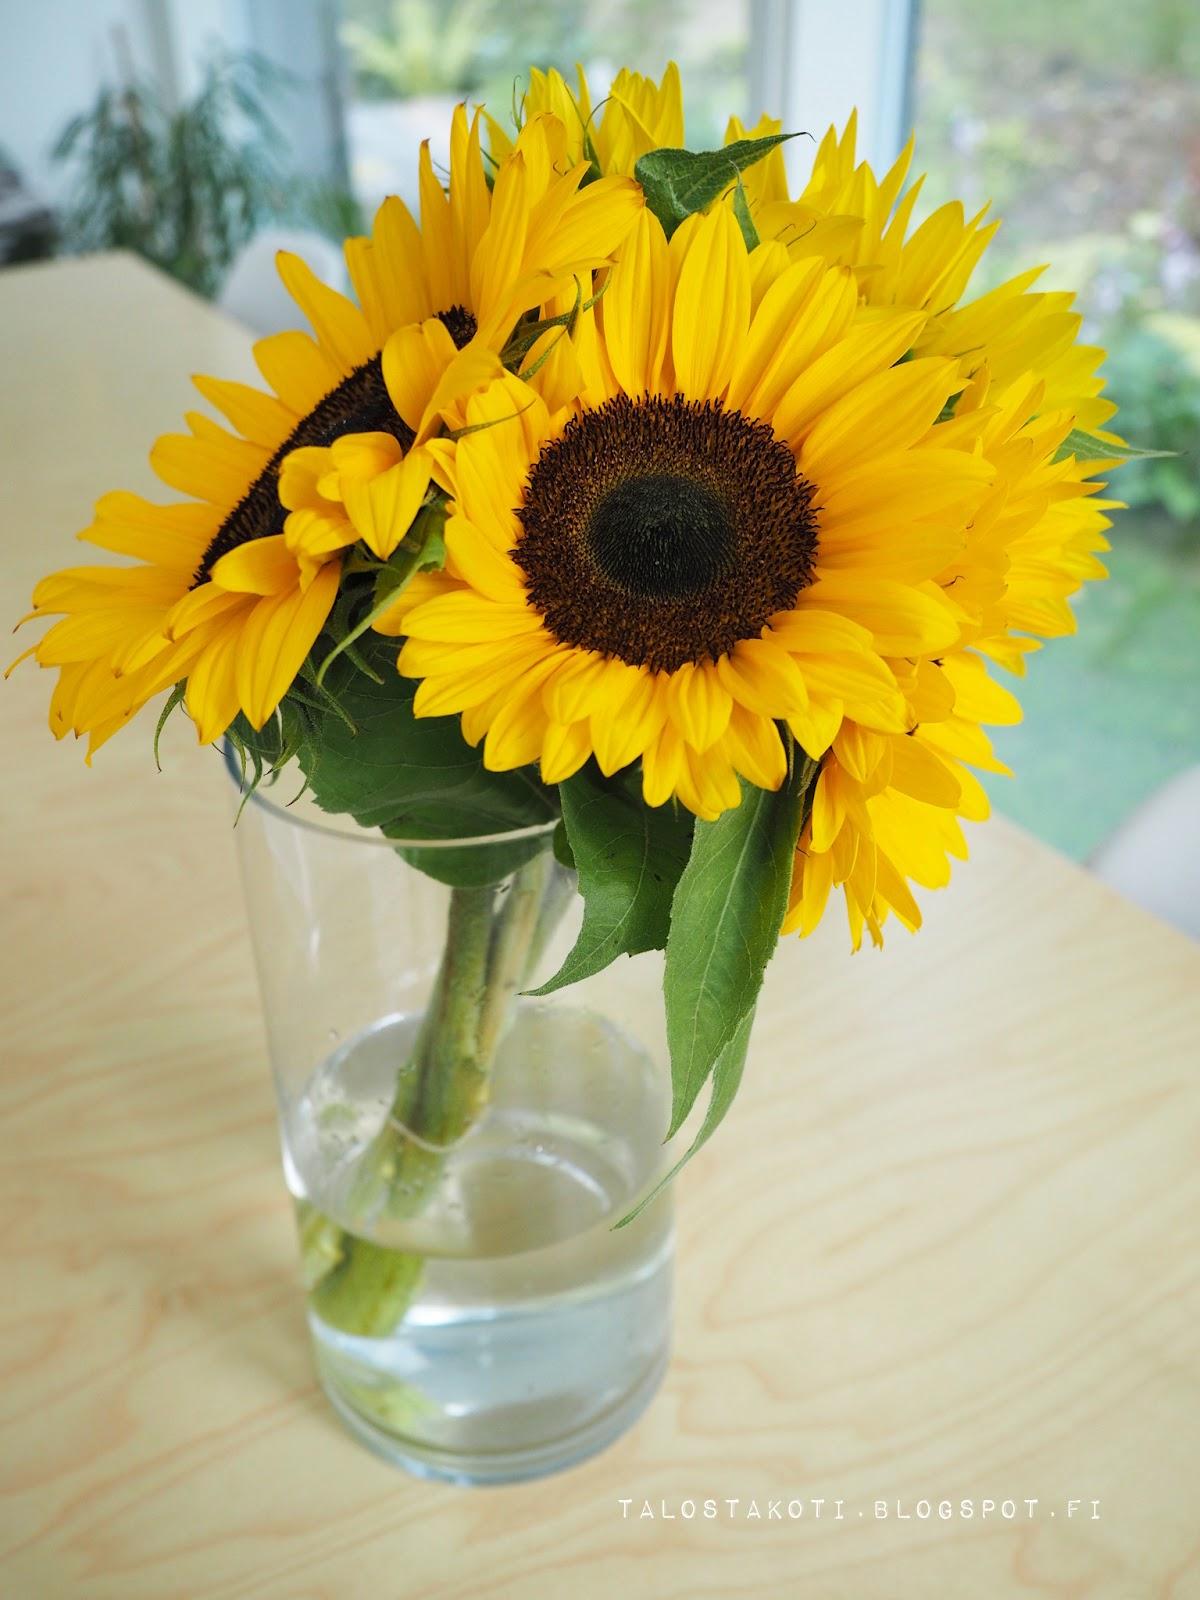 Auringonkukat, keittiön pöytä